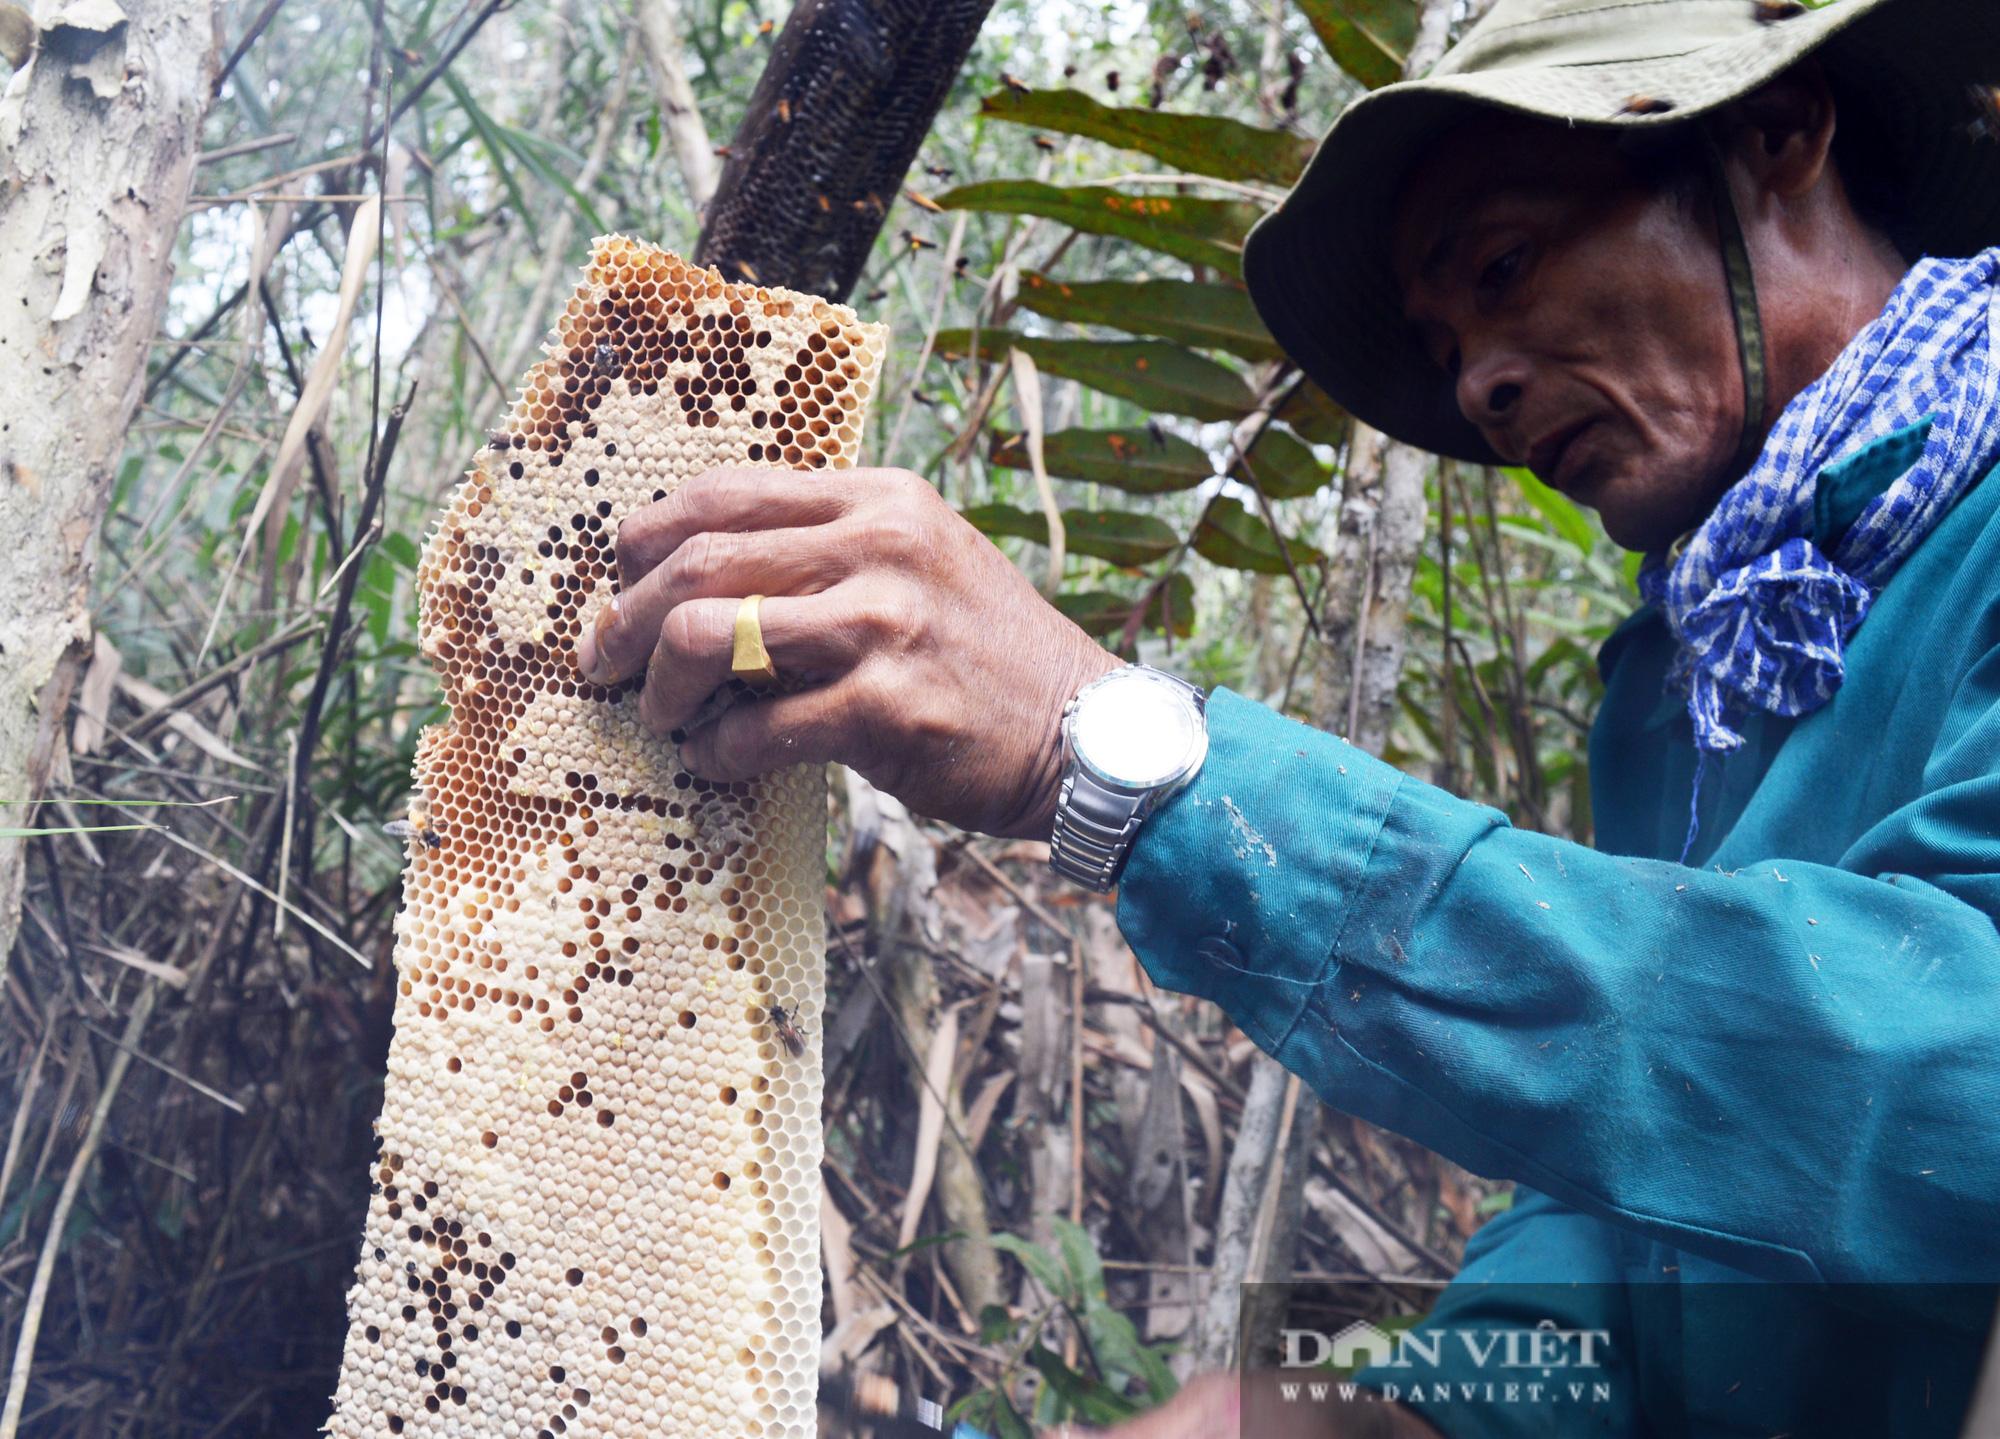 Điểm qua những món đặc sản từ nhộng ong, nhìn thì sợ nhưng ăn thì ghiền - Ảnh 4.